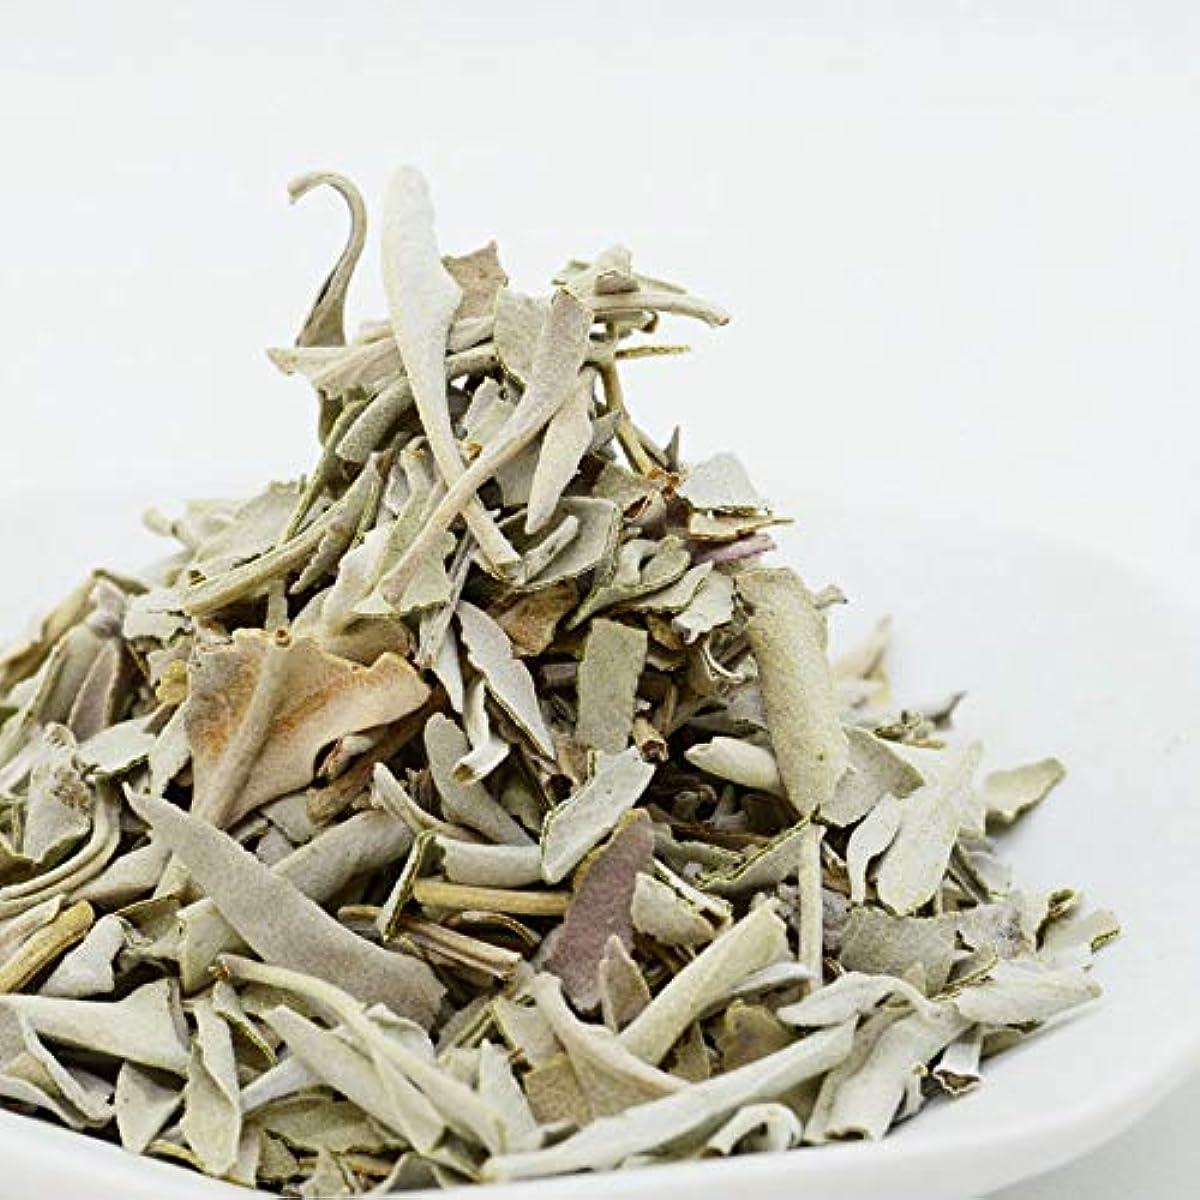 聖なる年齢シード高品質 無農薬 ホワイトセージ クラッシュ 100gカリフォルニア産 浄化用 お香に